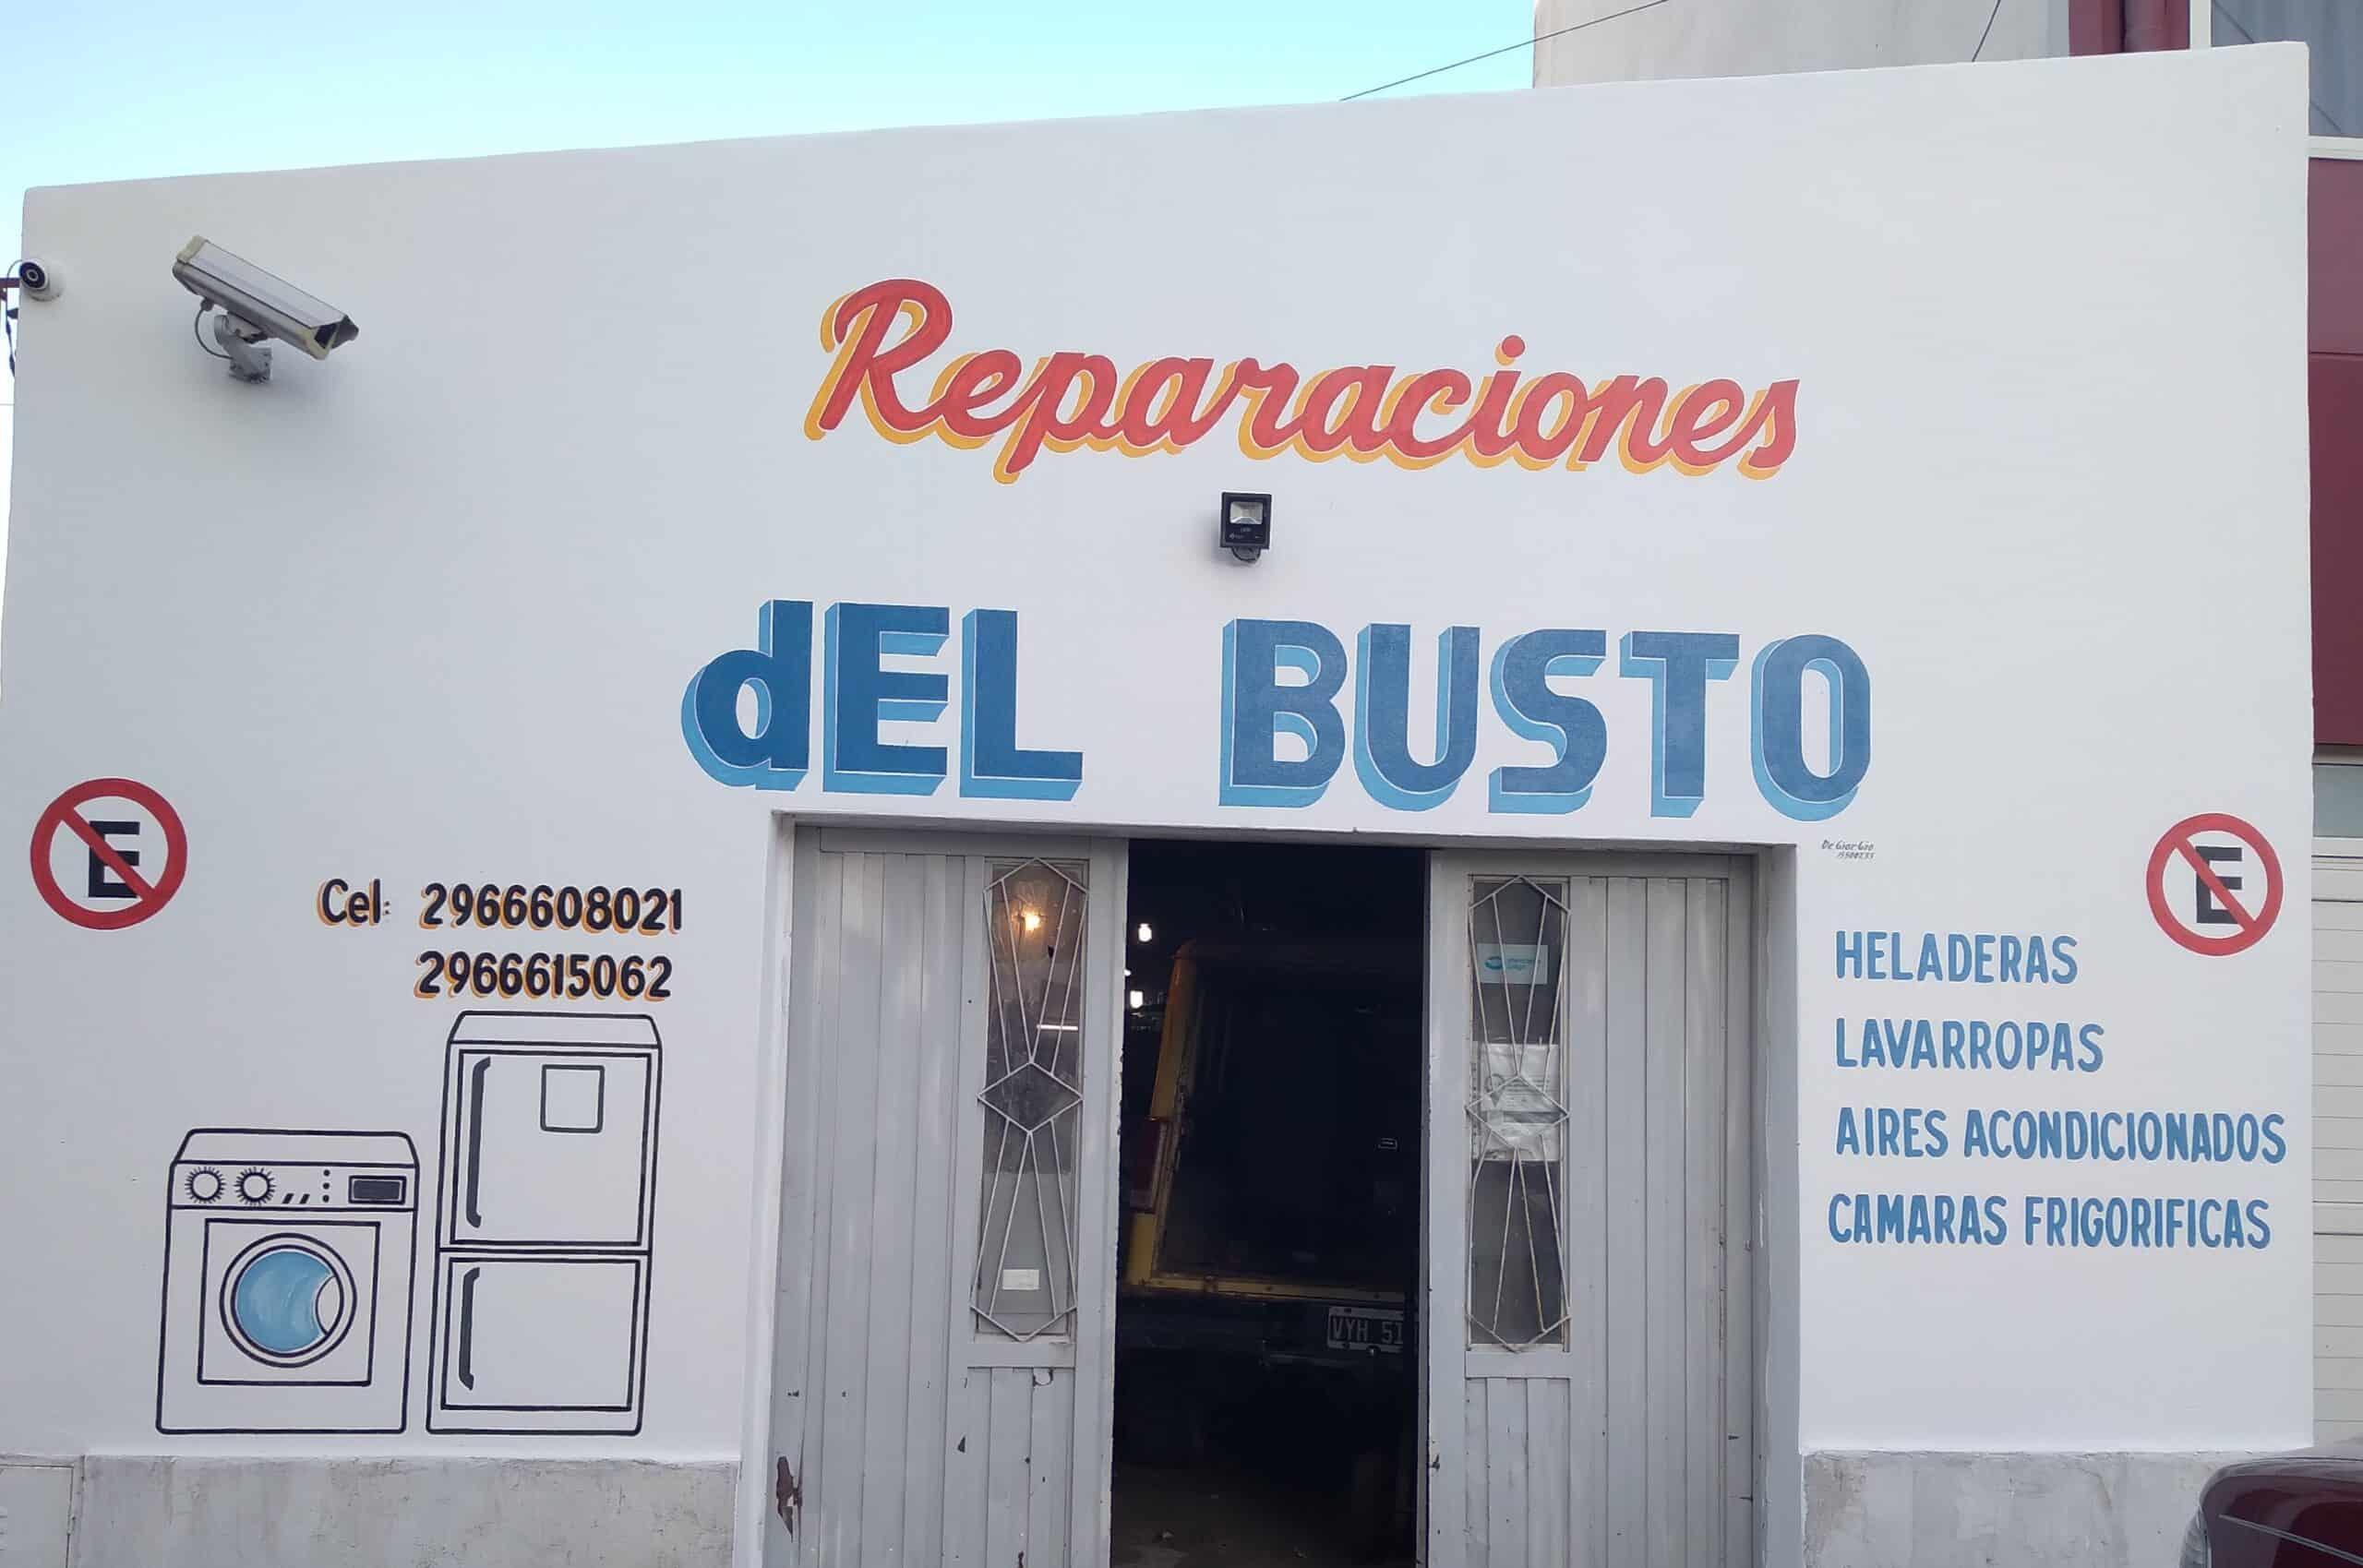 REPARACIONES DEL BUSTO